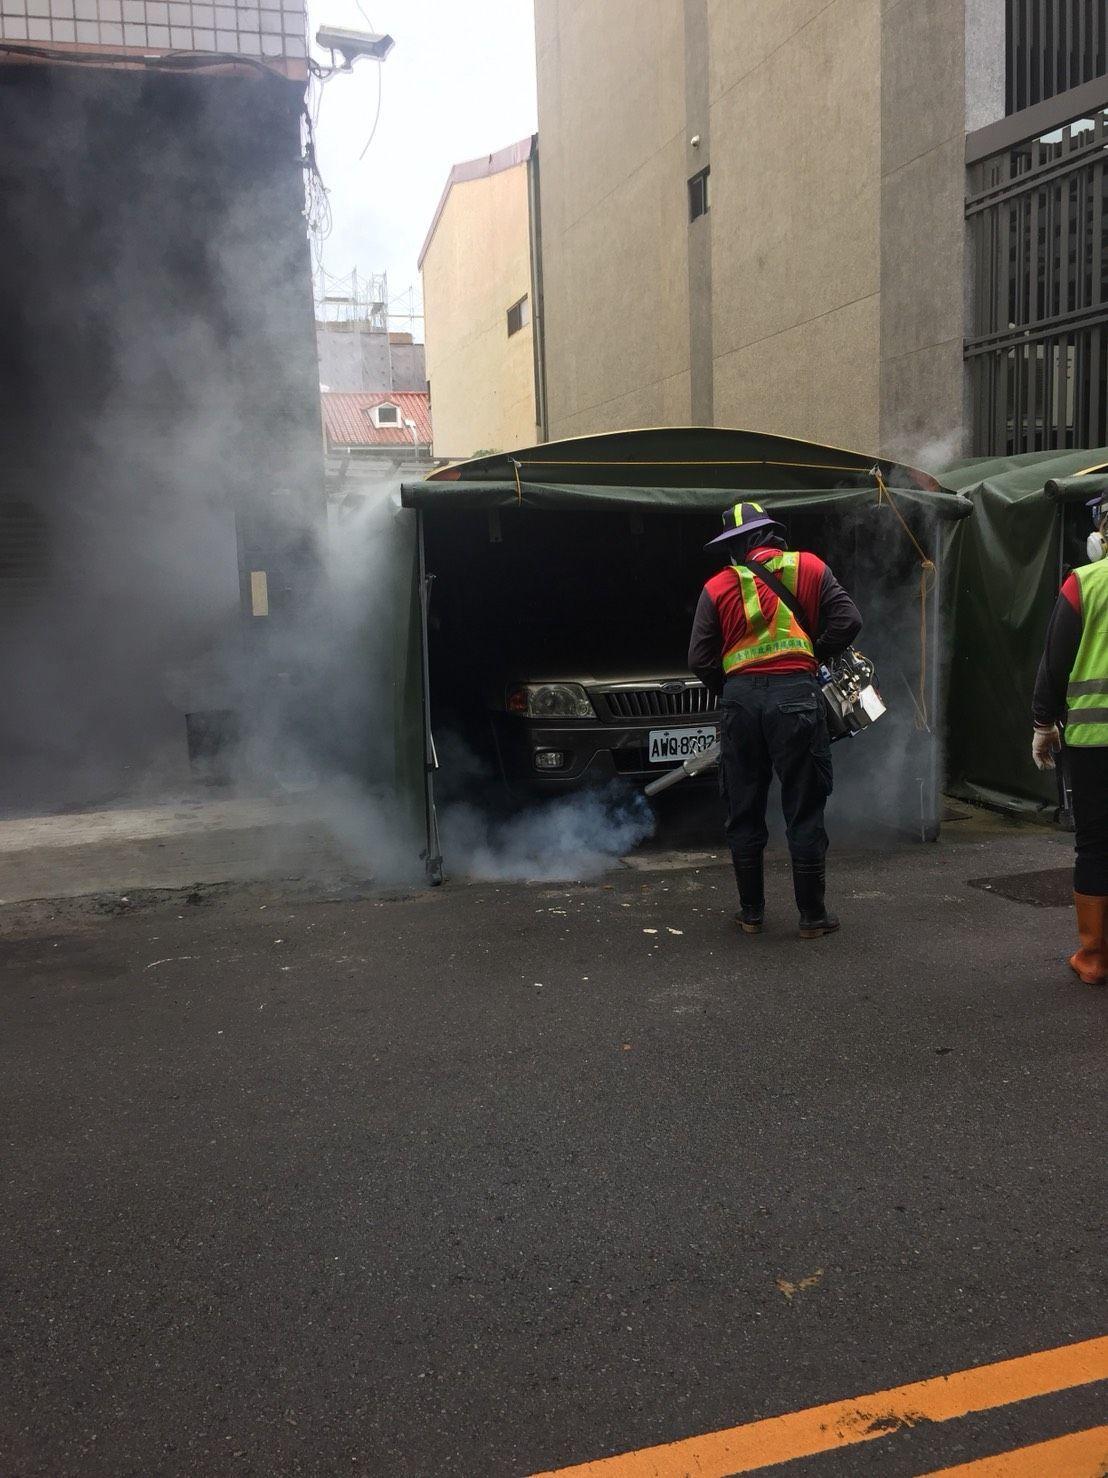 台中市政府加強在登革熱的熱區噴藥防治。圖/台中市政府提供